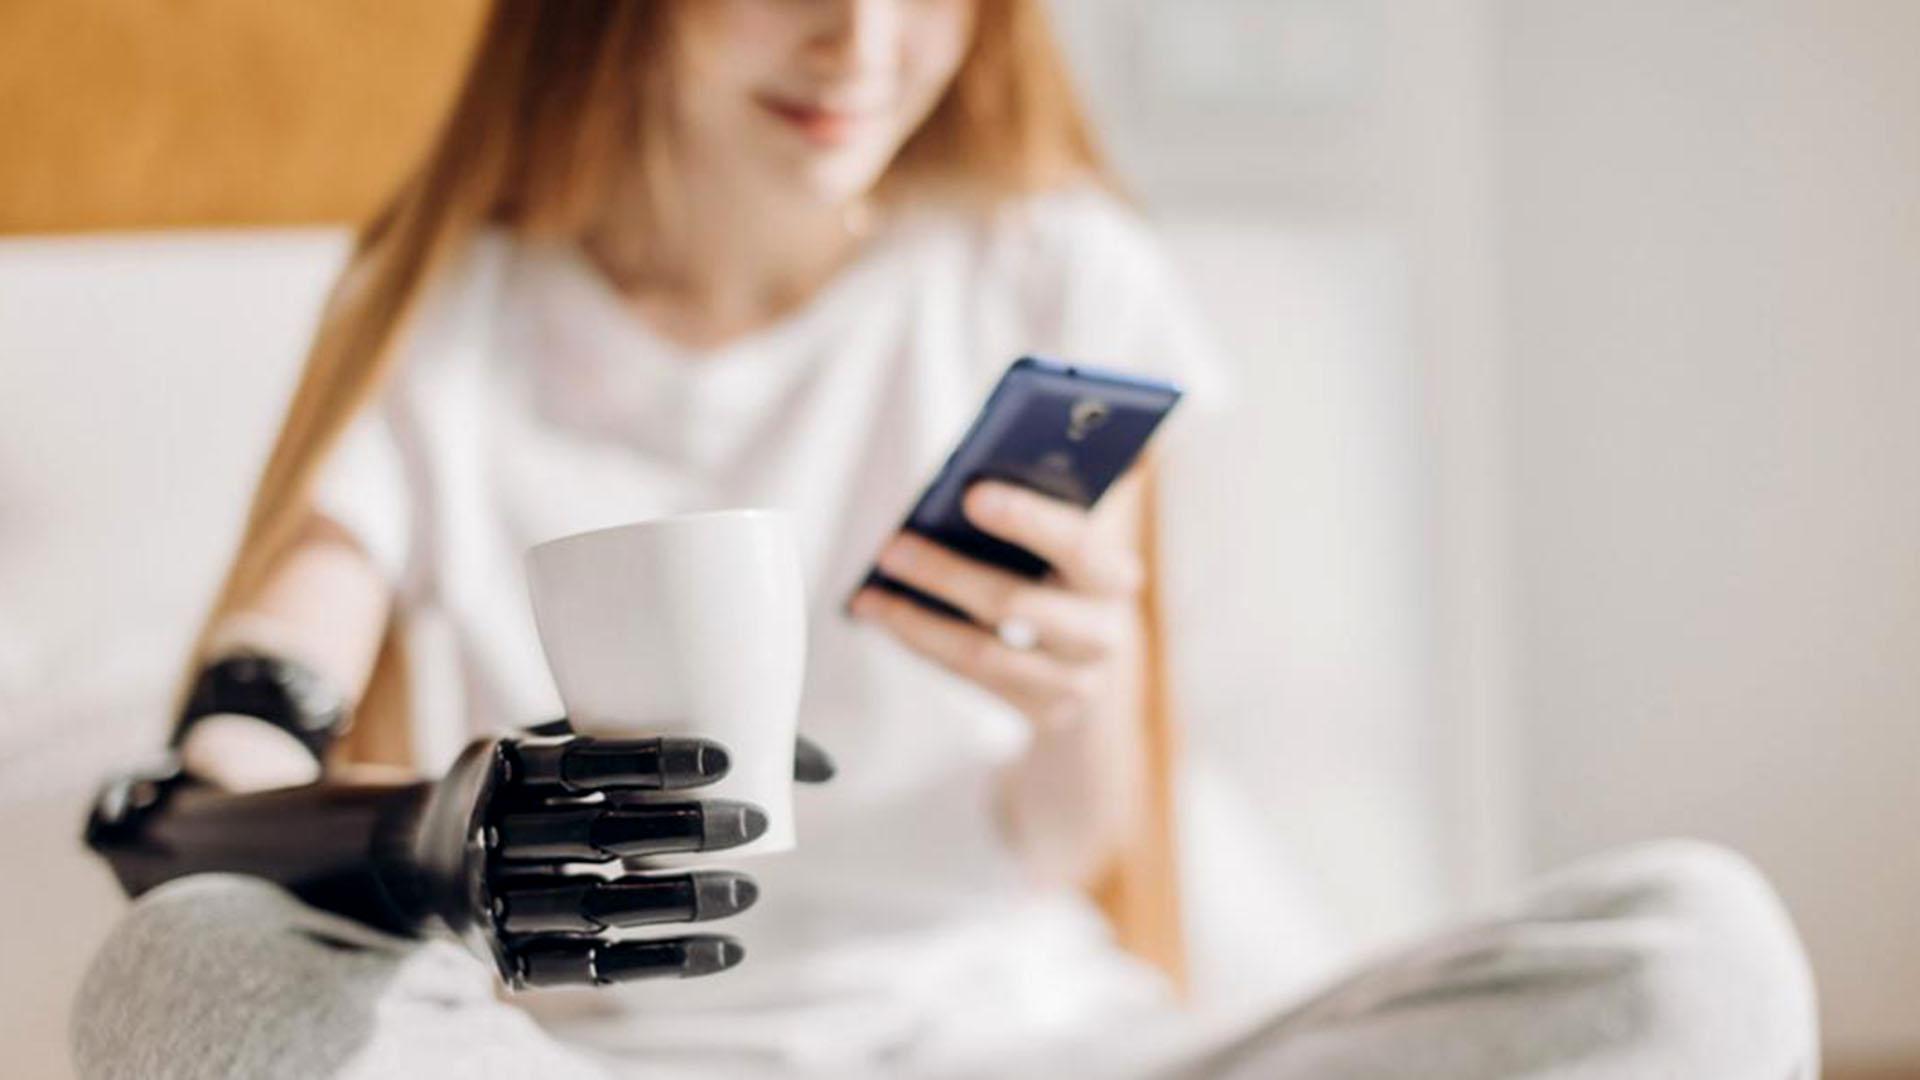 El futuro de la ciberseguridad: cómo evitar hackeos en piernas obrazos biónicos